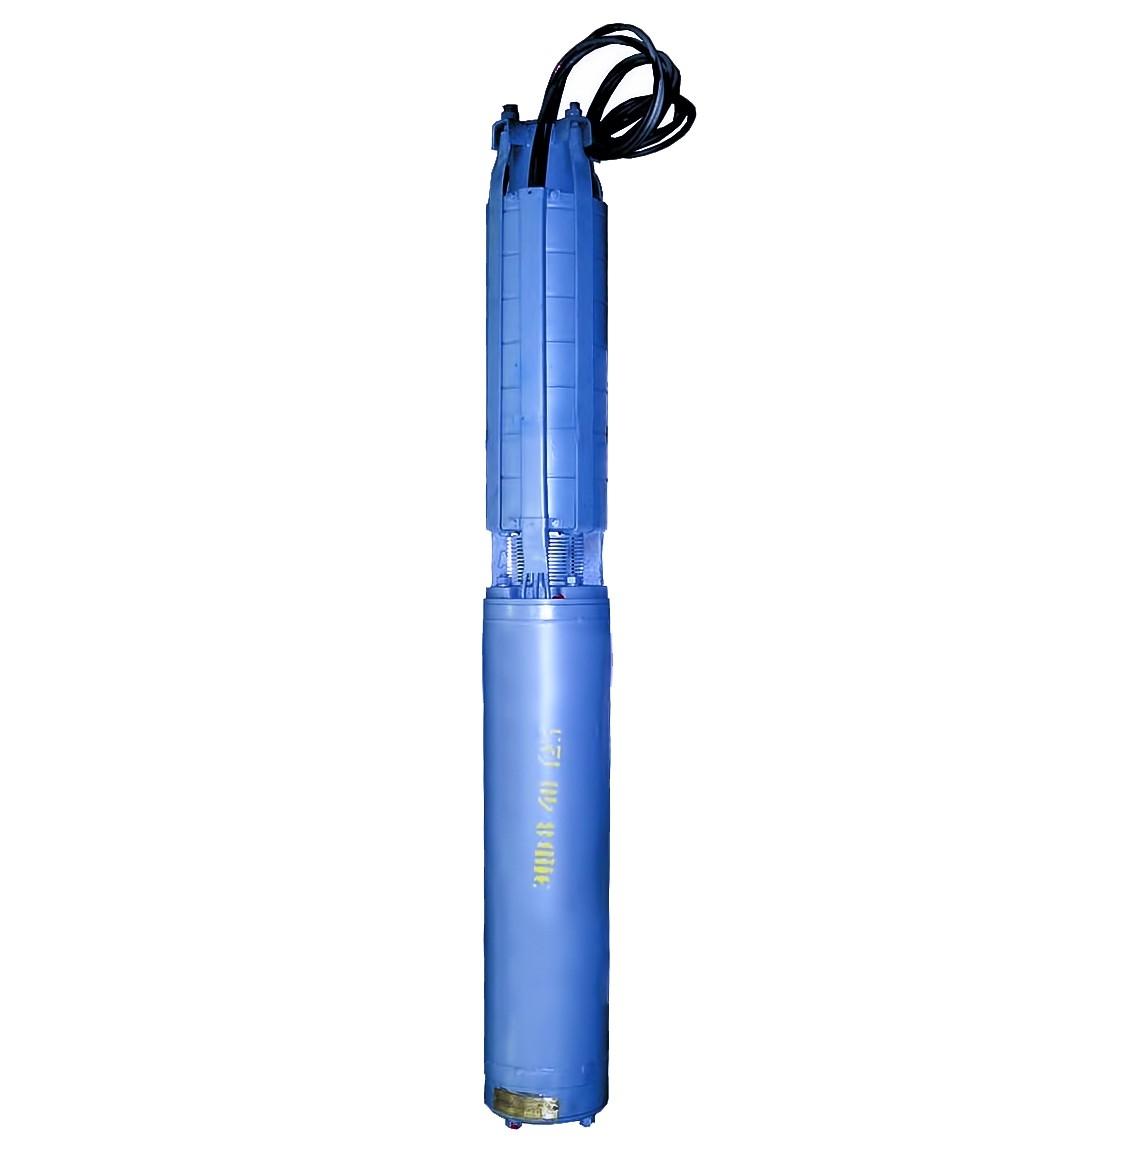 Погружной насос ЭЦВ 10-160-125 нро